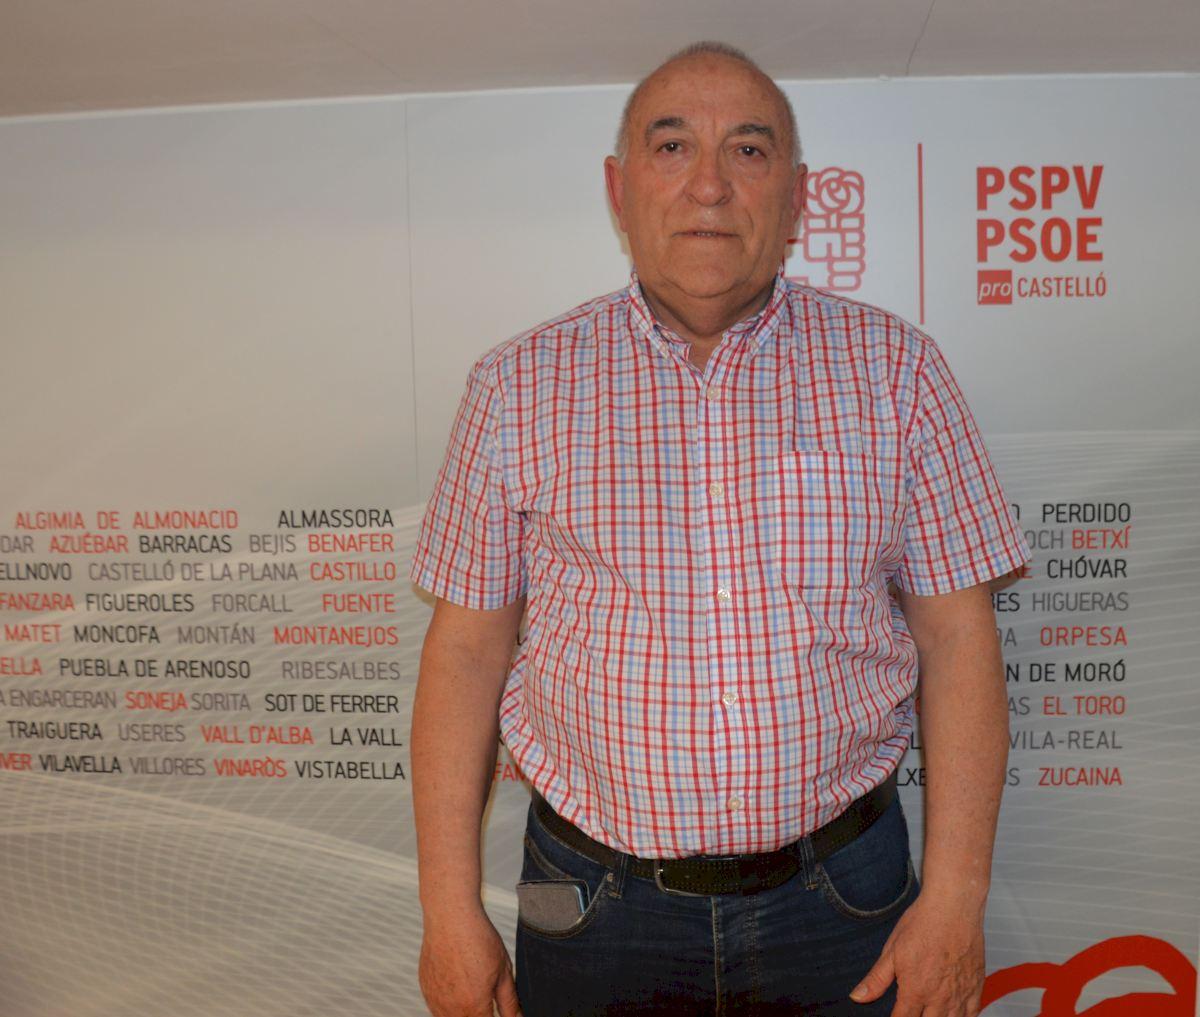 Entrevista al portavoz del PSPV de Betxí, Josep Lluís Doñate